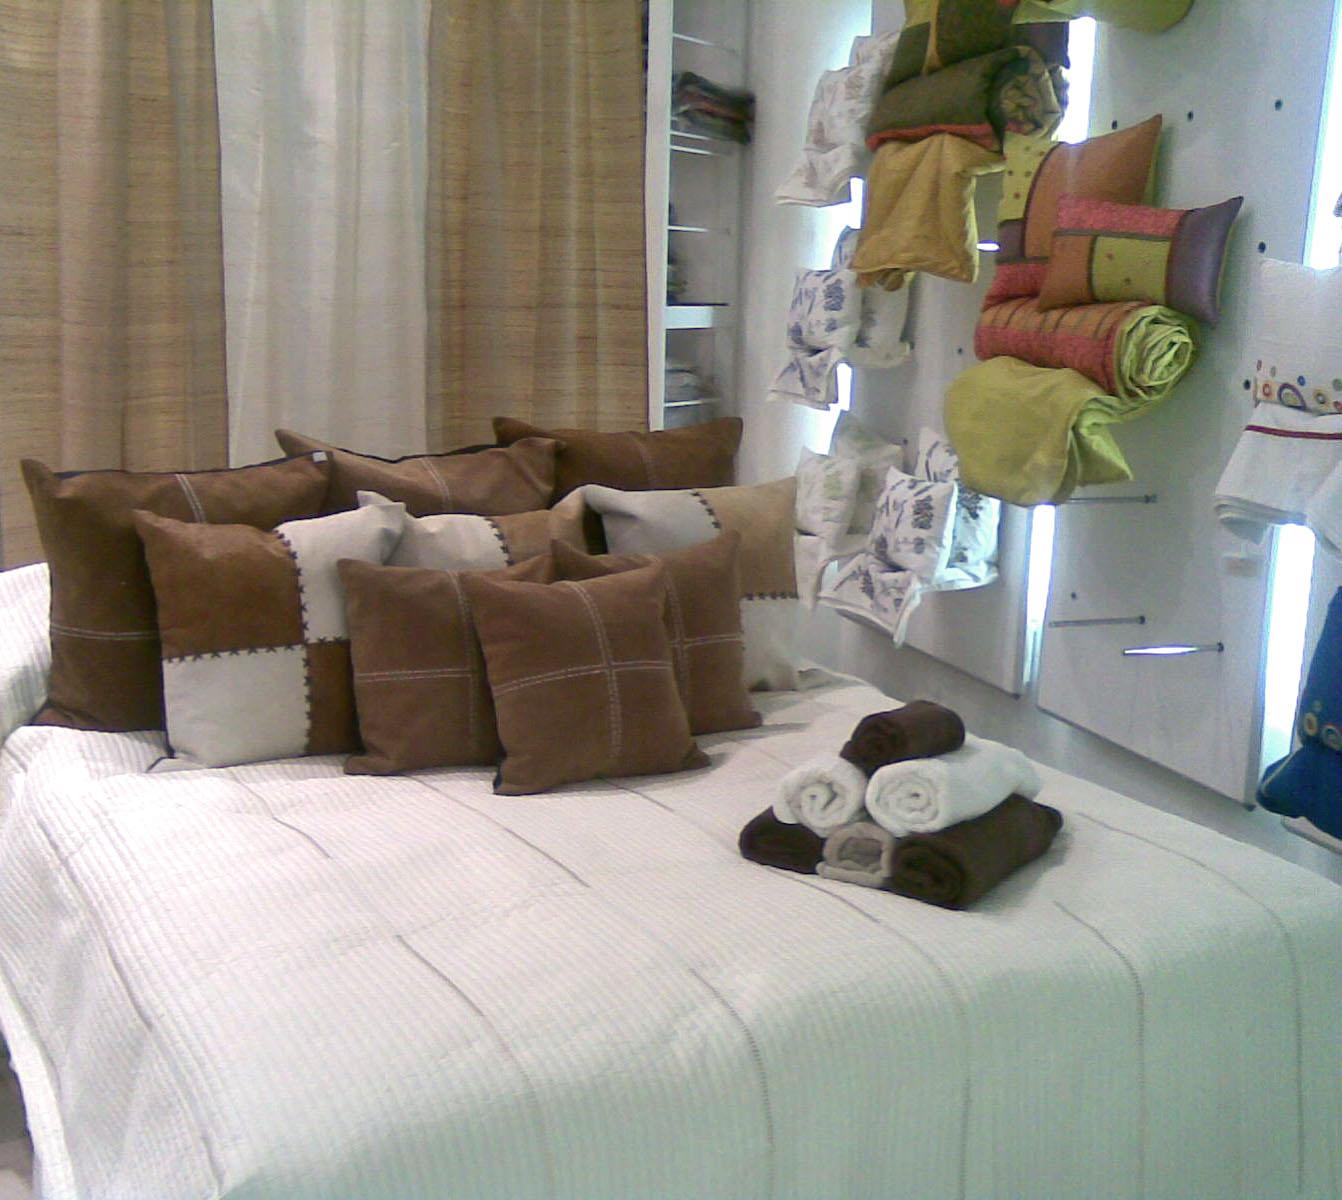 Chennai armoniza tu hogar camas con cojines en cuero - Camas con cojines ...